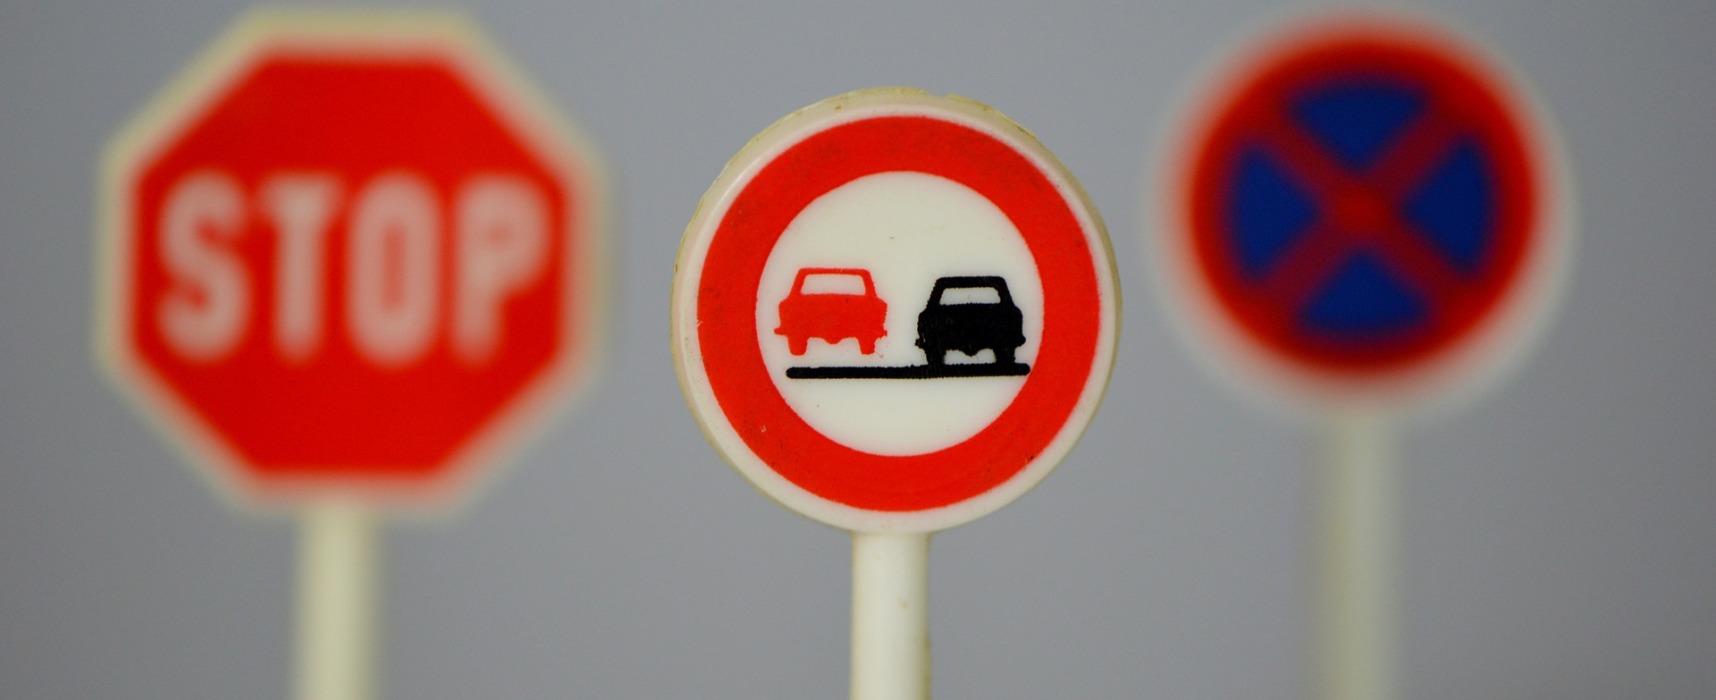 Educazione stradale e sensibilizzazione: corsi di formazione necessari per le scuole